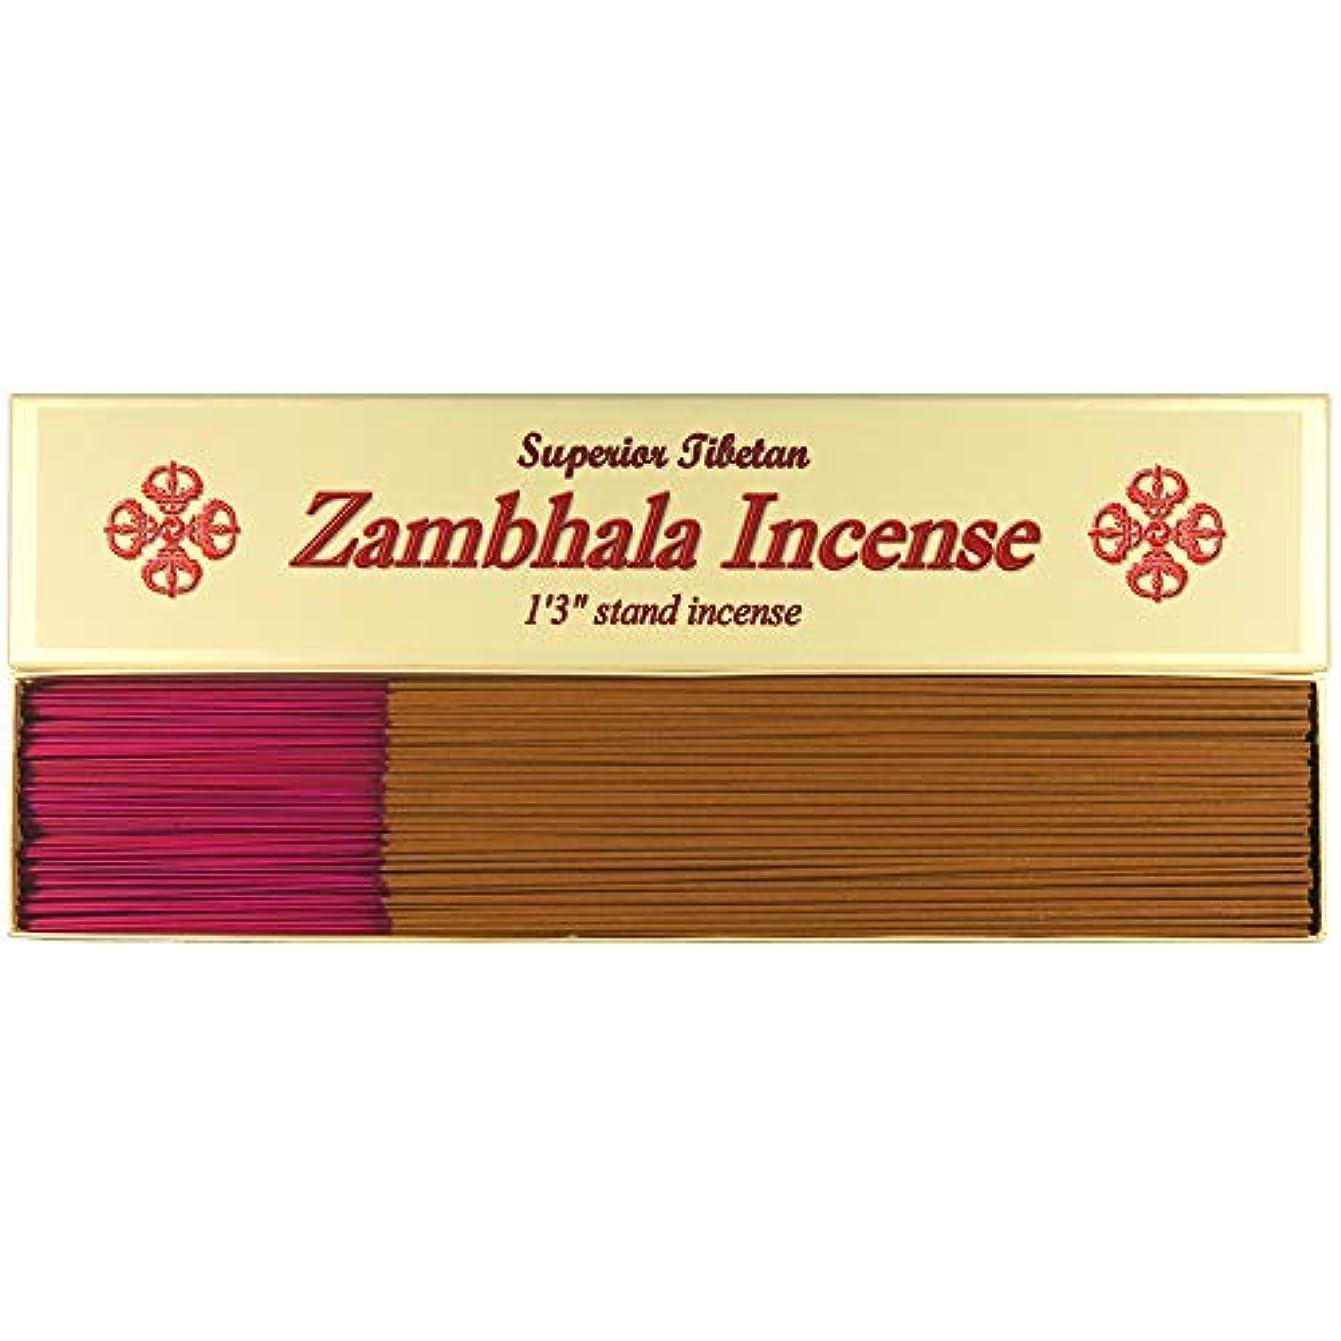 復活する金曜日アマチュアZambhala Incense – 1 ' 3